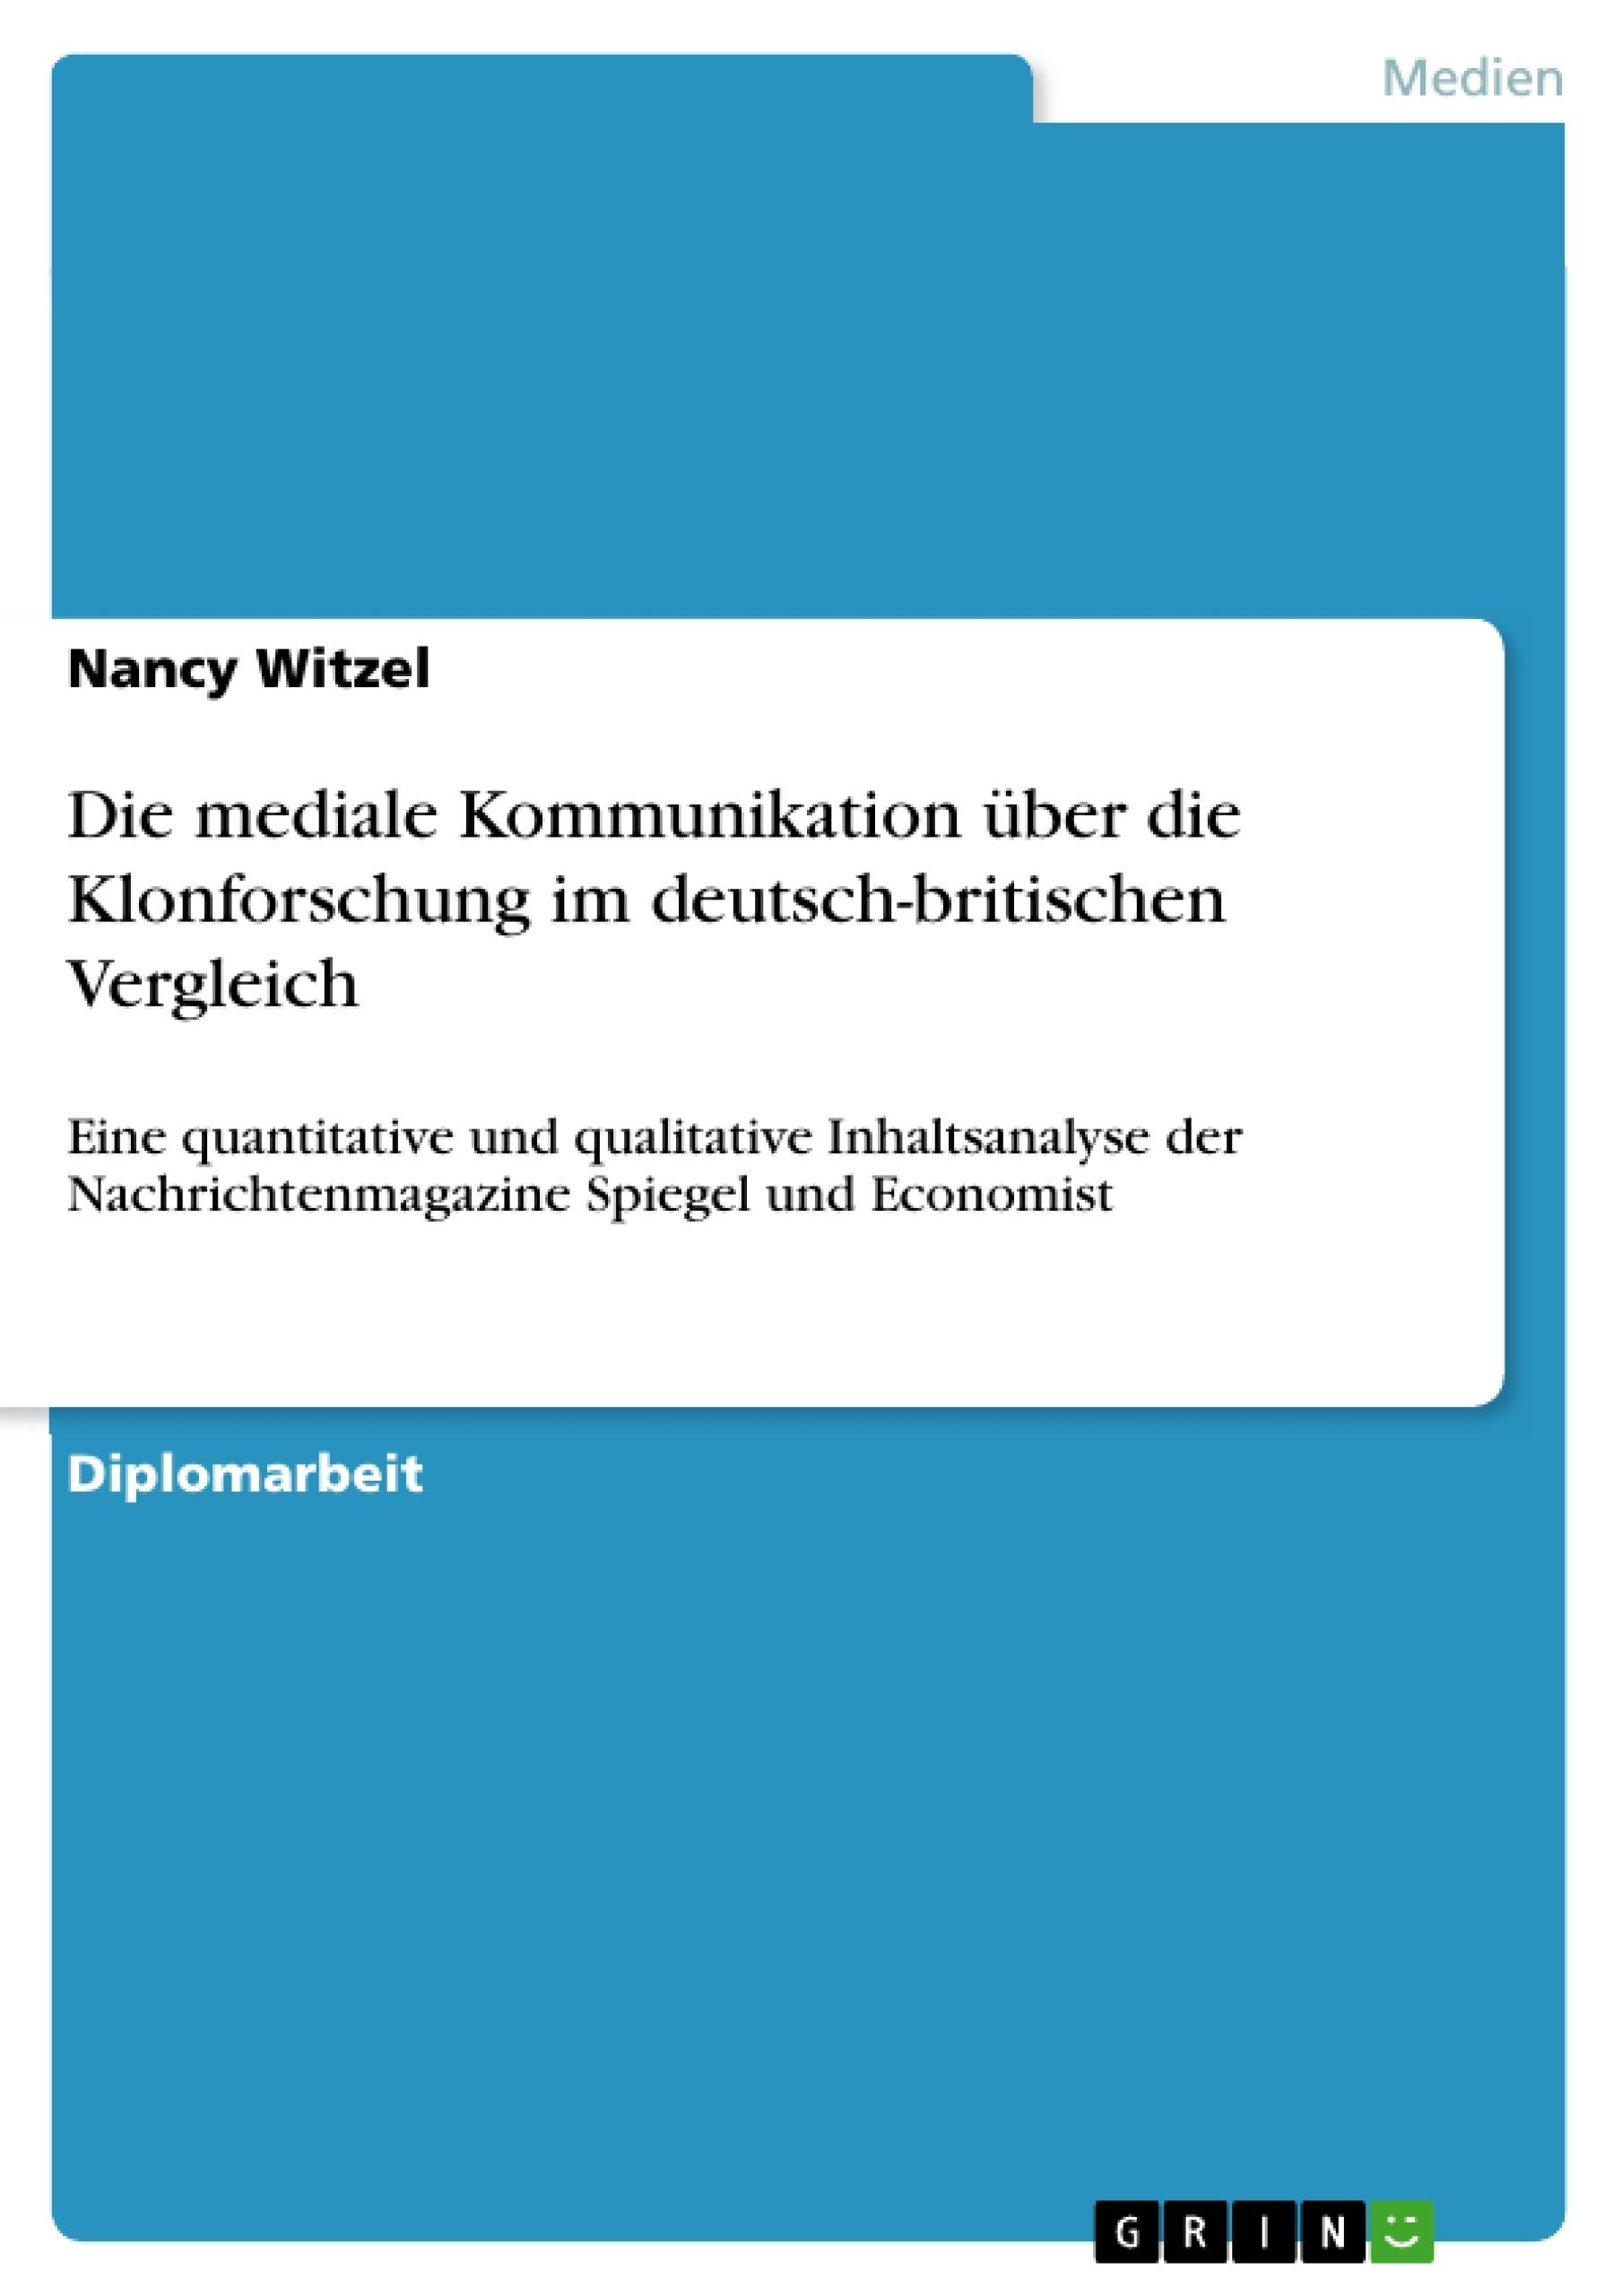 Titel: Die mediale Kommunikation über die Klonforschung im deutsch-britischen Vergleich